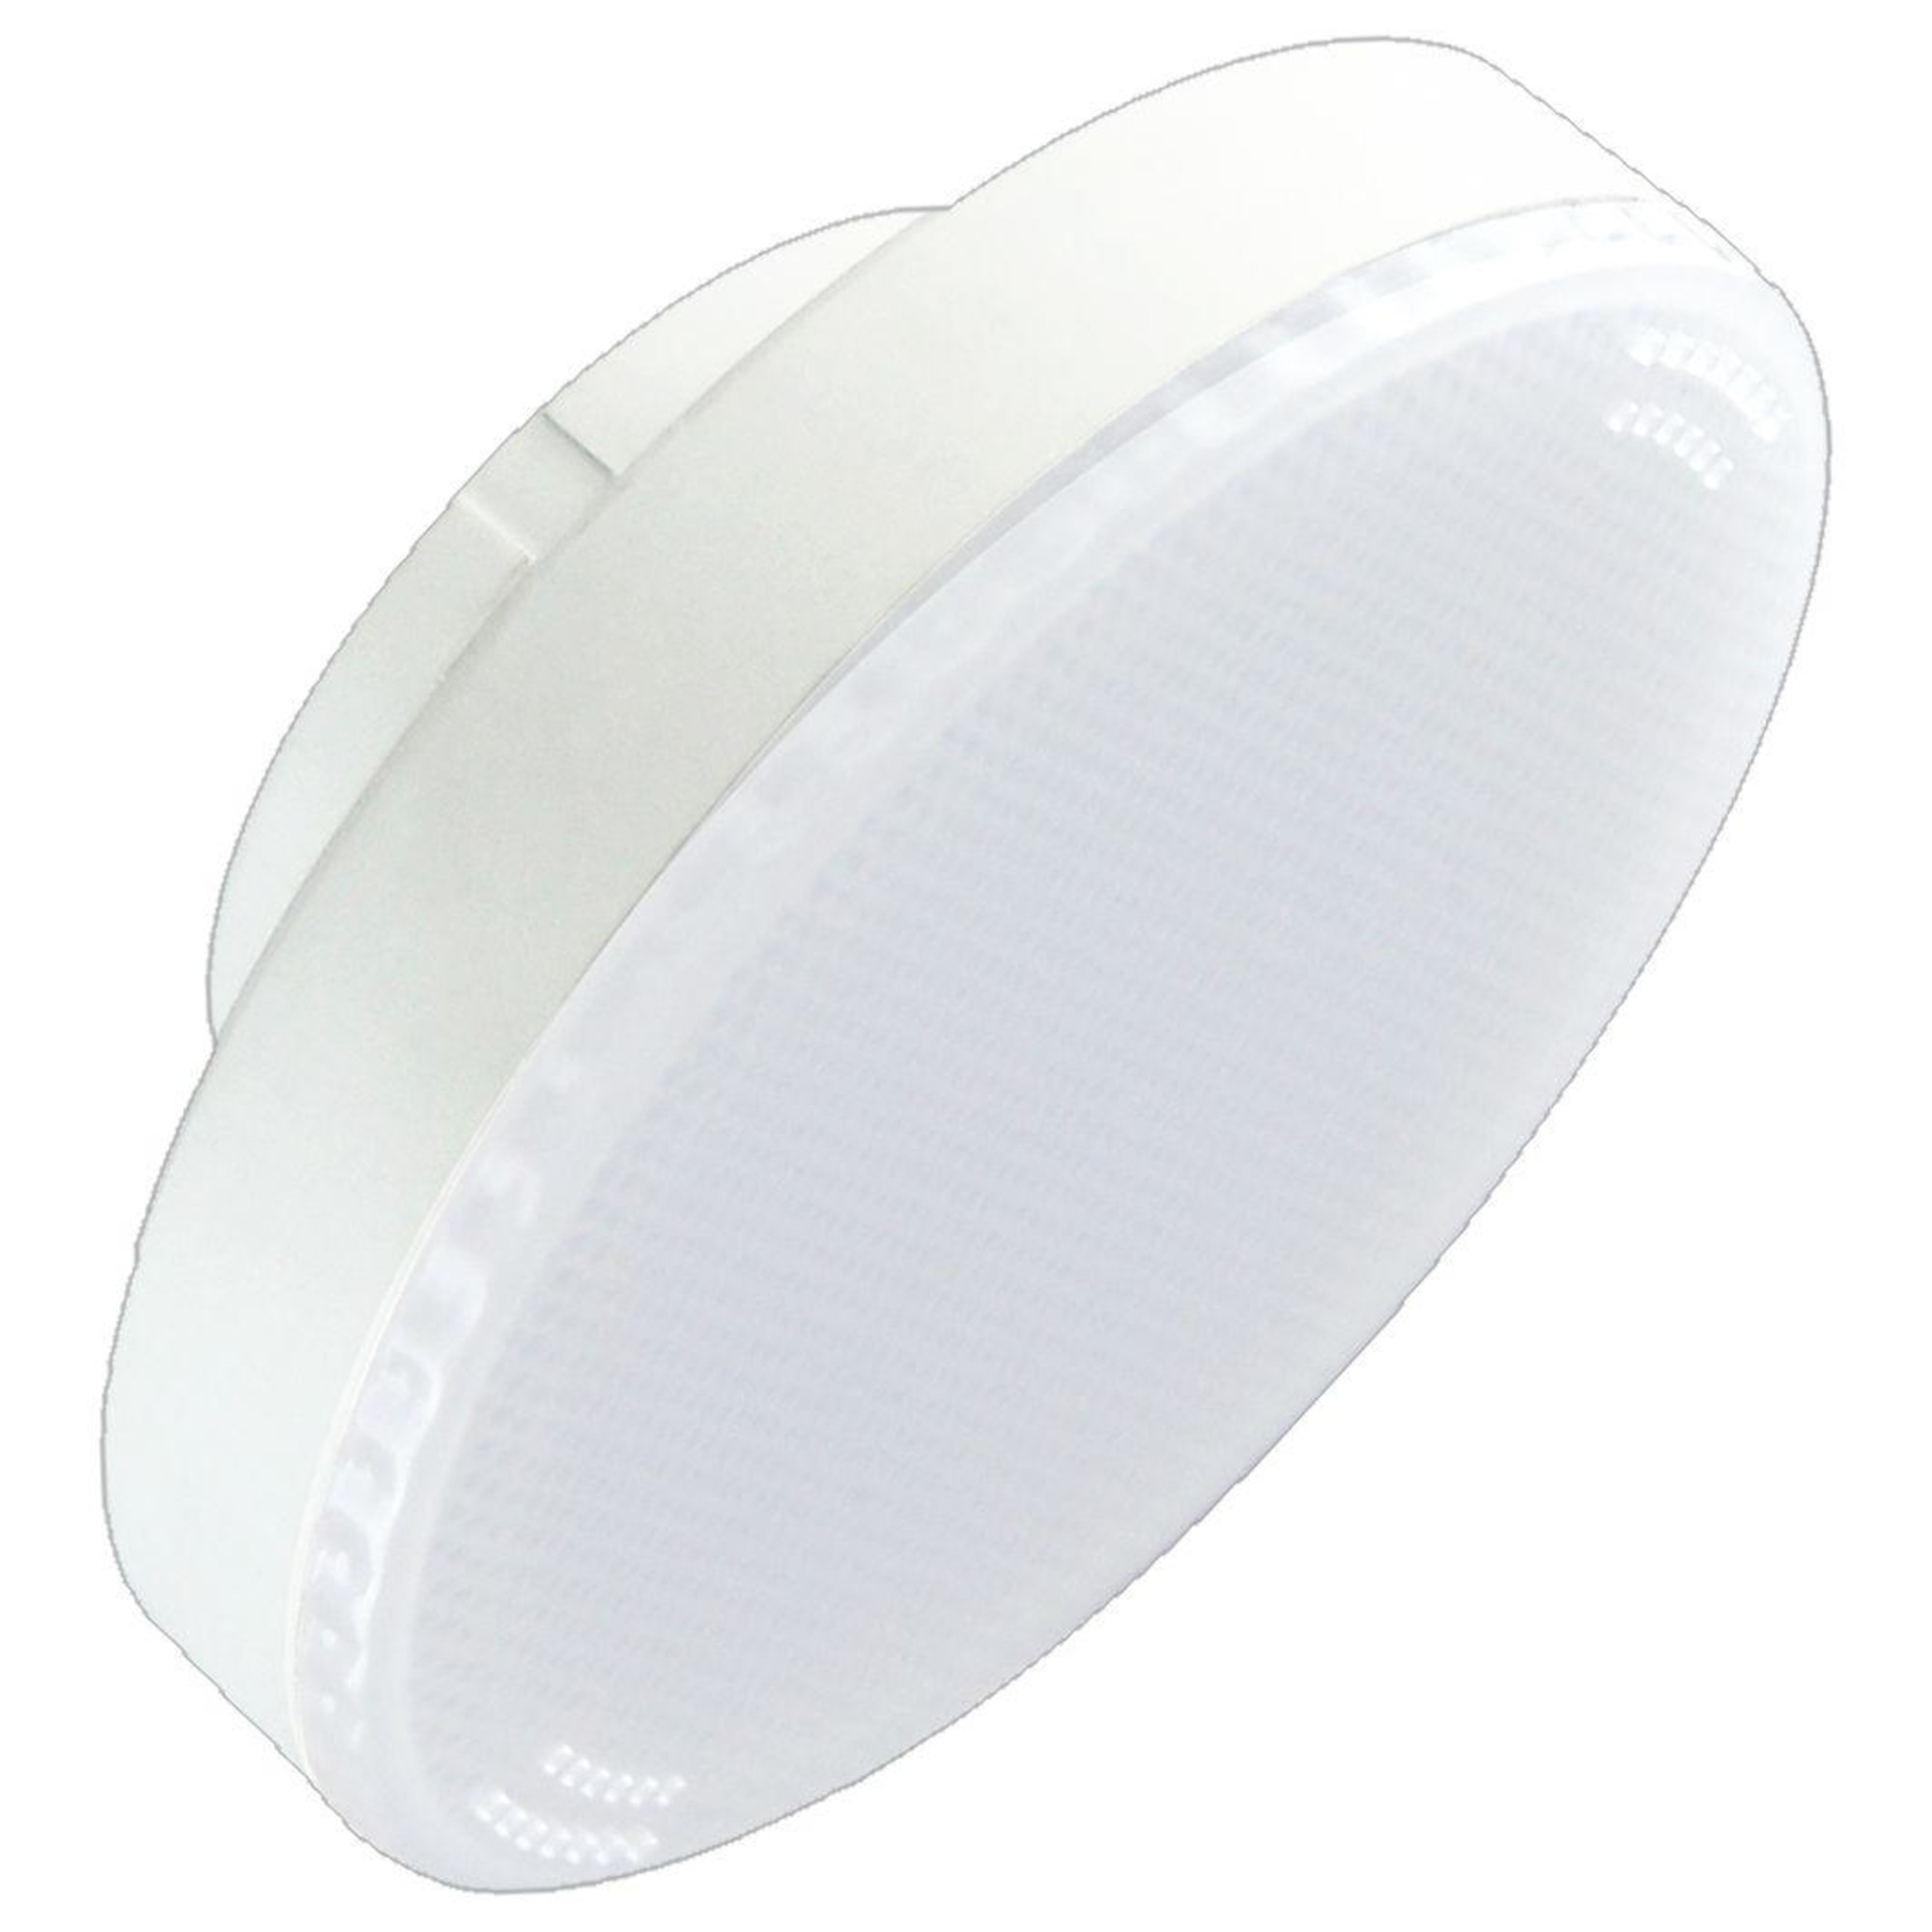 Лампа Ecola стандарт светодионая GX53 8.50 Вт таблетка 680 Лм теплый свет